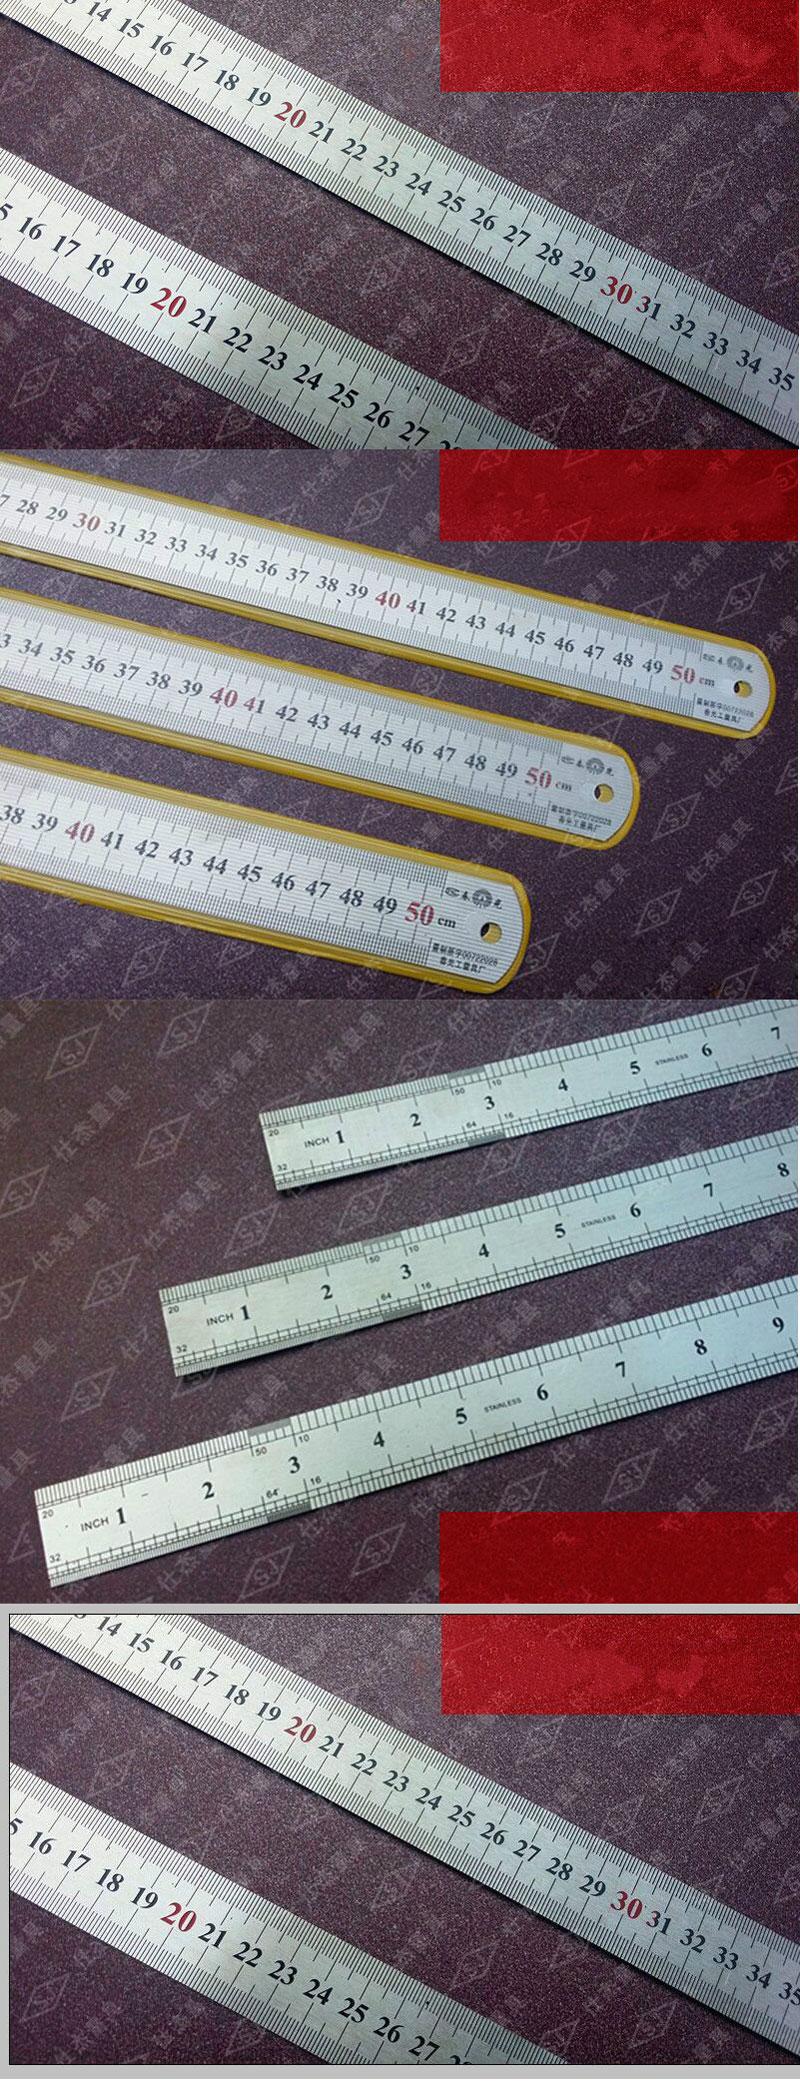 曙光测量用品 绘图钢直尺钢尺直尺 30CM钢直尺 不锈钢材